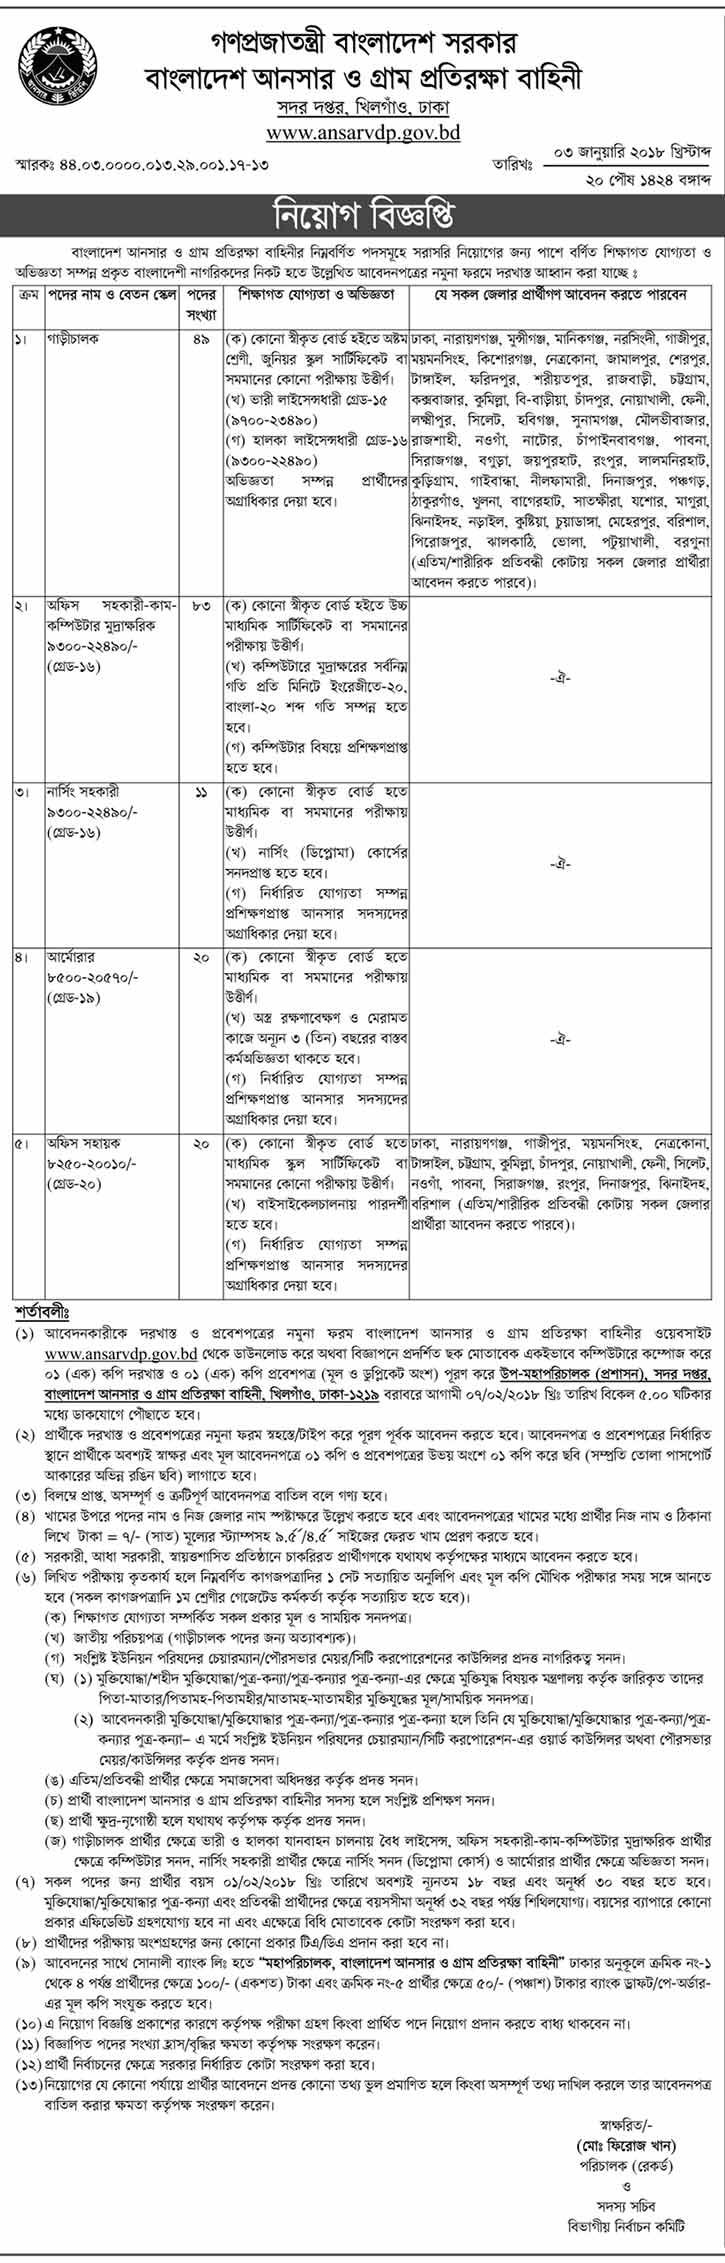 Bangladesh Ansar VDP Job Circular 2018 - CareerGuideBD